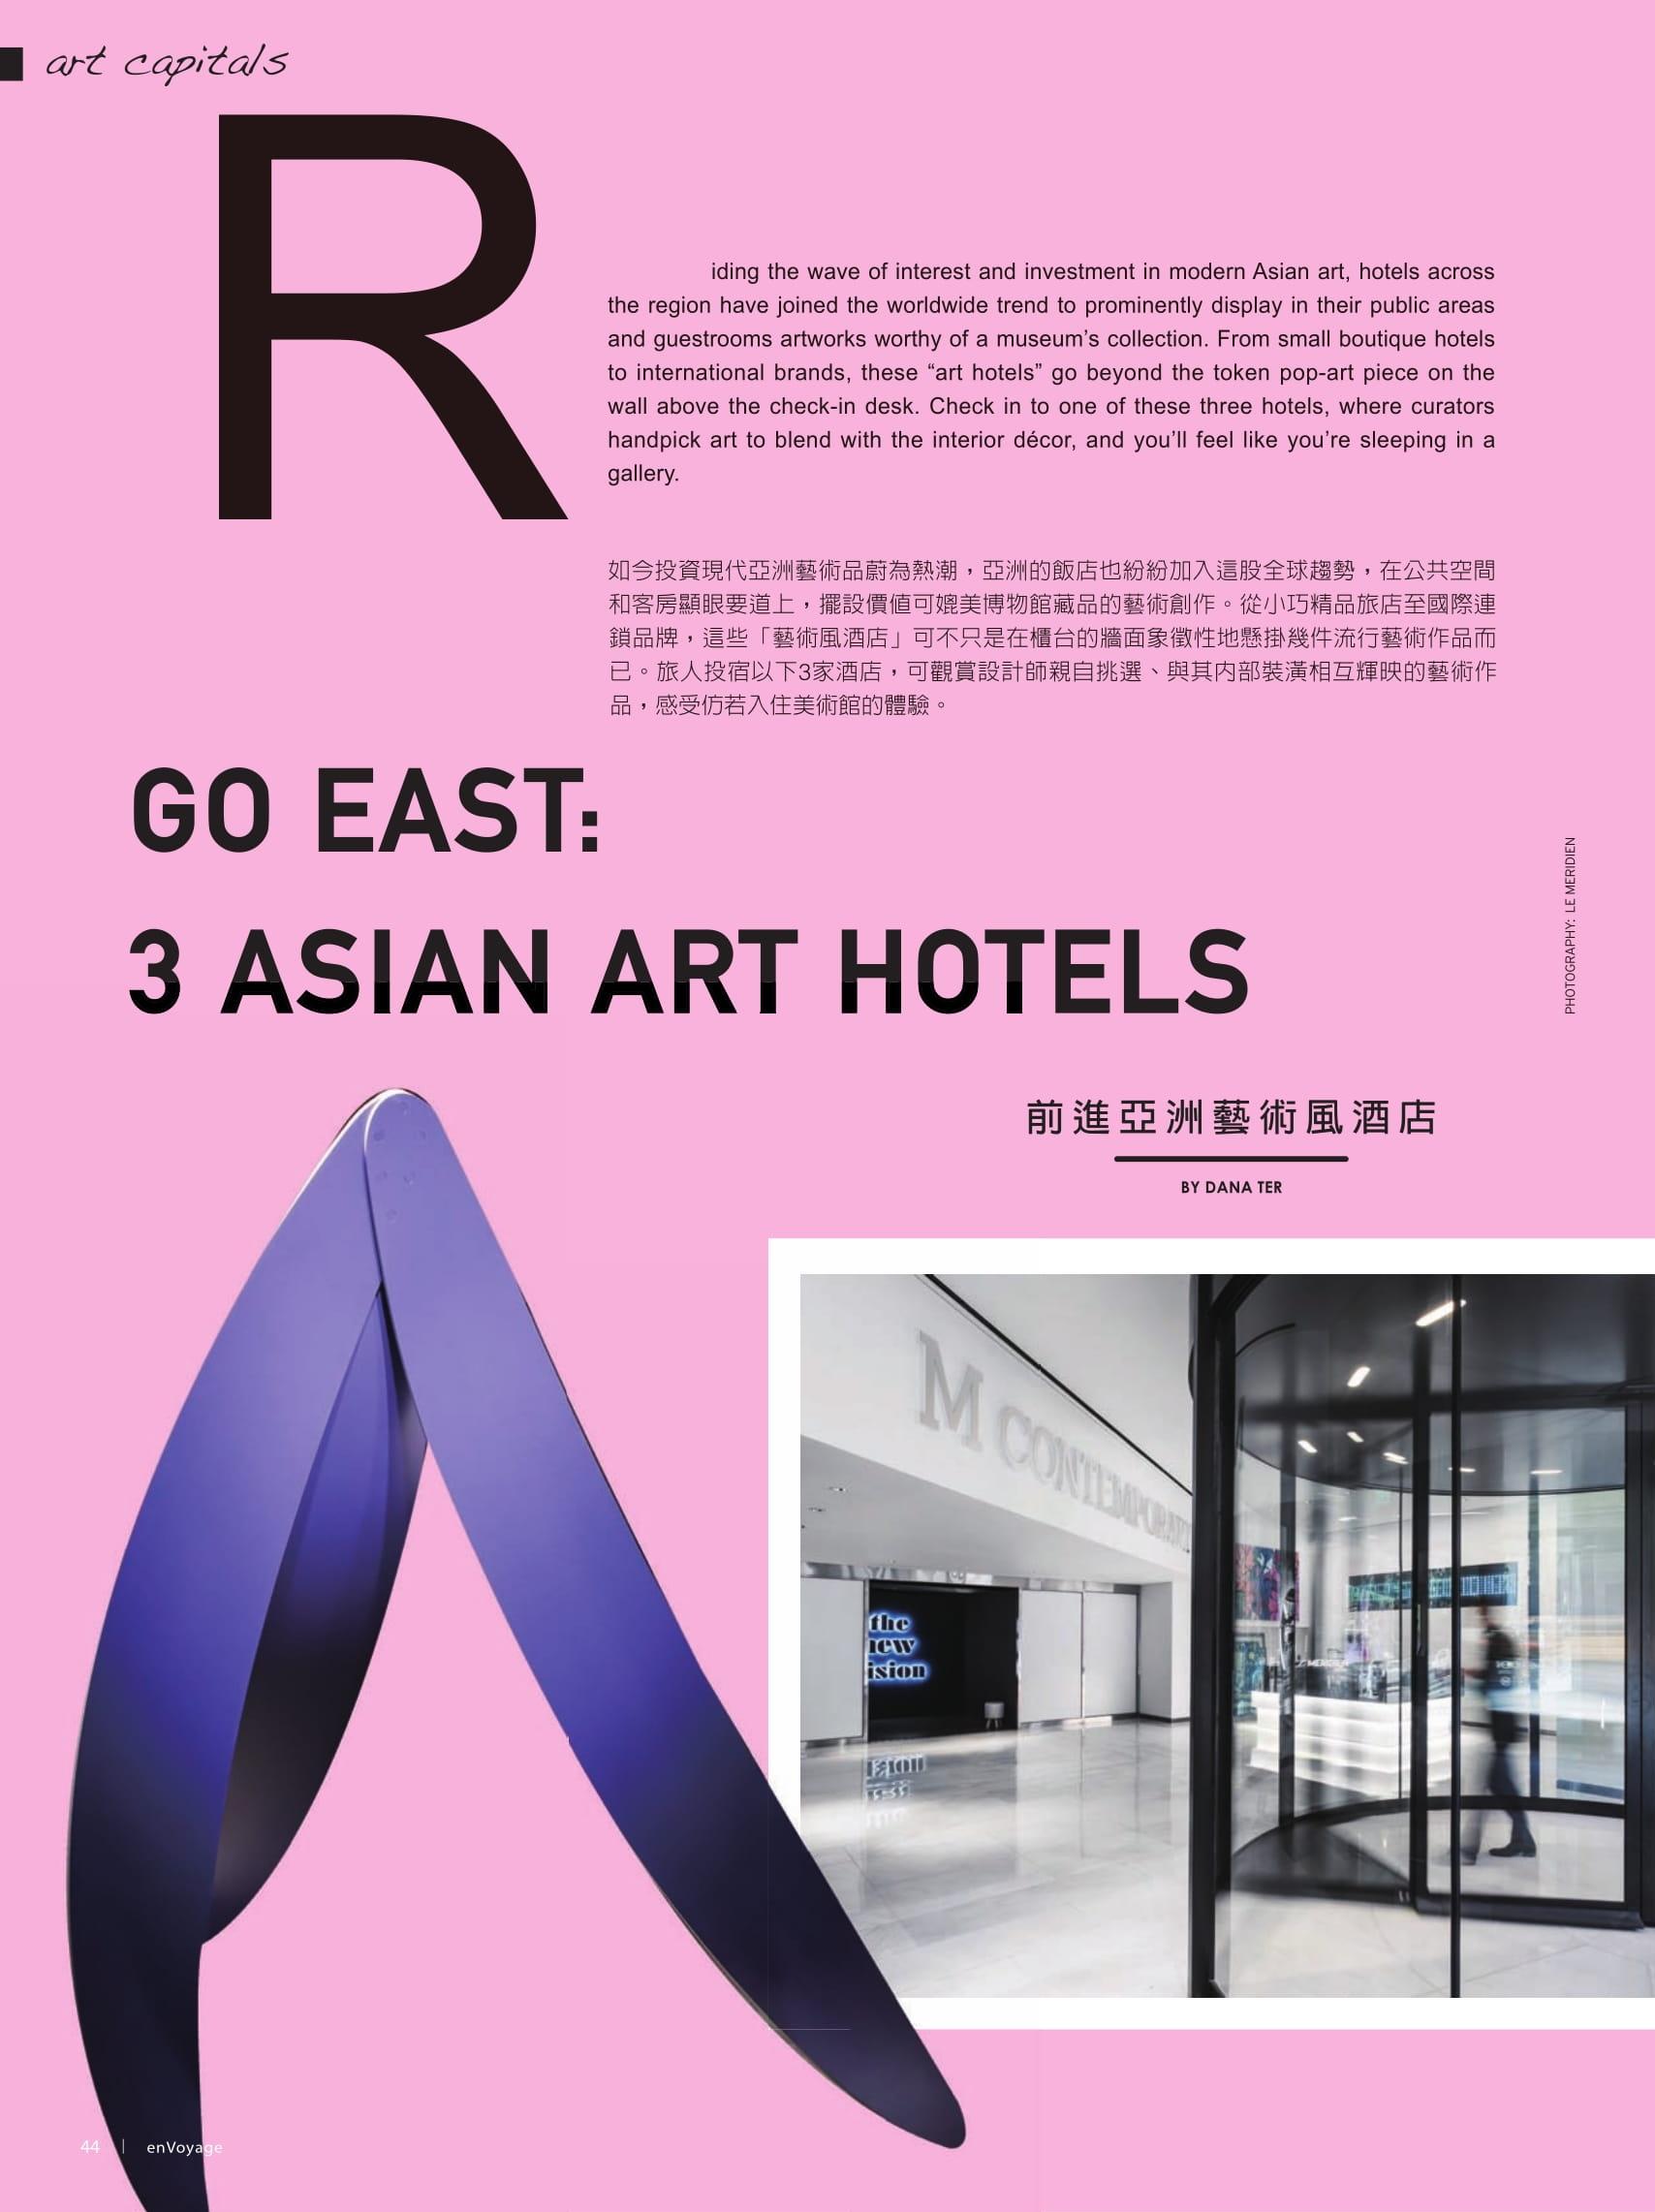 Art hotels p44